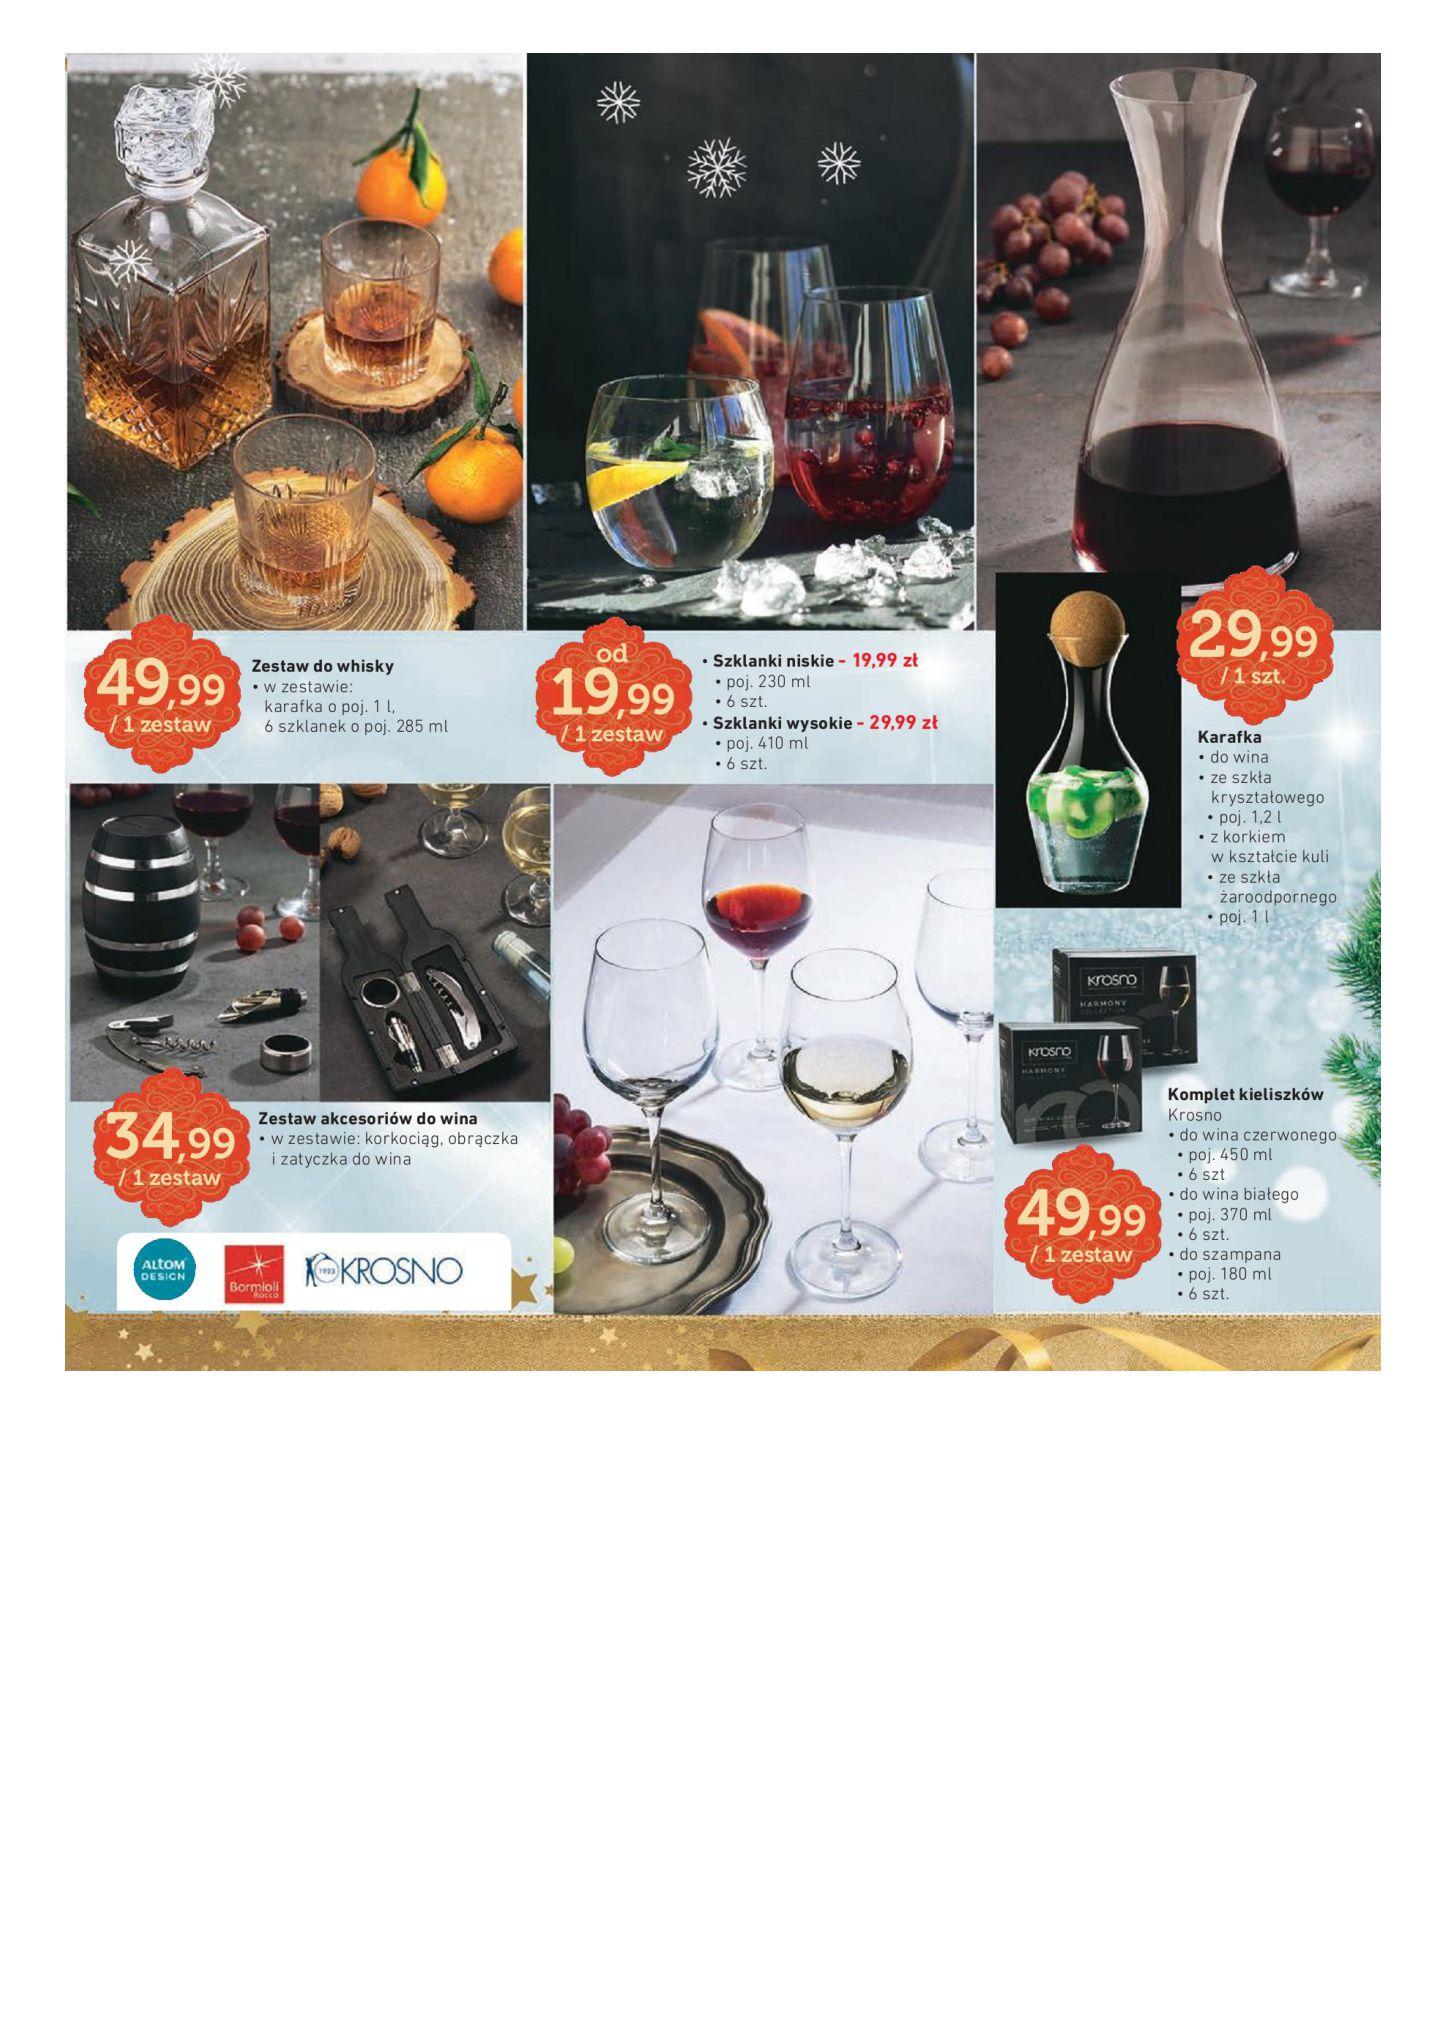 Gazetka Intermarché - Katalog Świątecznych Prezentów-02.12.2019-24.12.2019-page-21